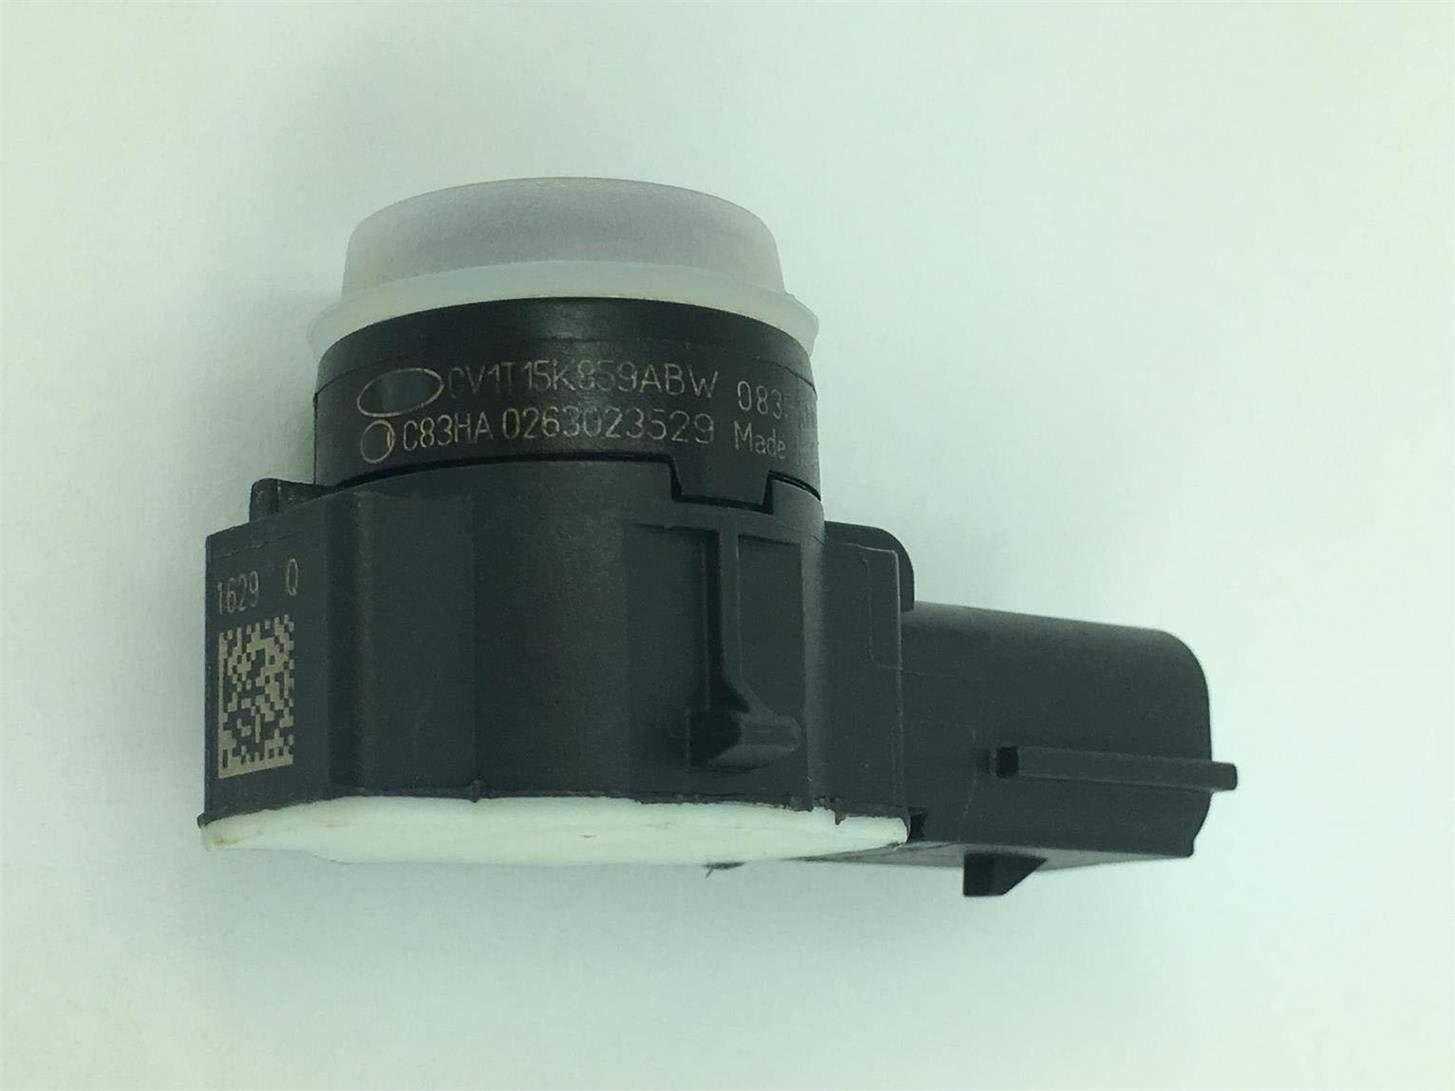 フォード Parktronic B-Max PDC Parktronic B-Max Einparkhilfe パーキングセンサー cv1t-15k859abw 0263023529 cv1t-15k859abw B07JJ3F1BR, パーツショップWAVE:48b25b56 --- loveszsator.hu